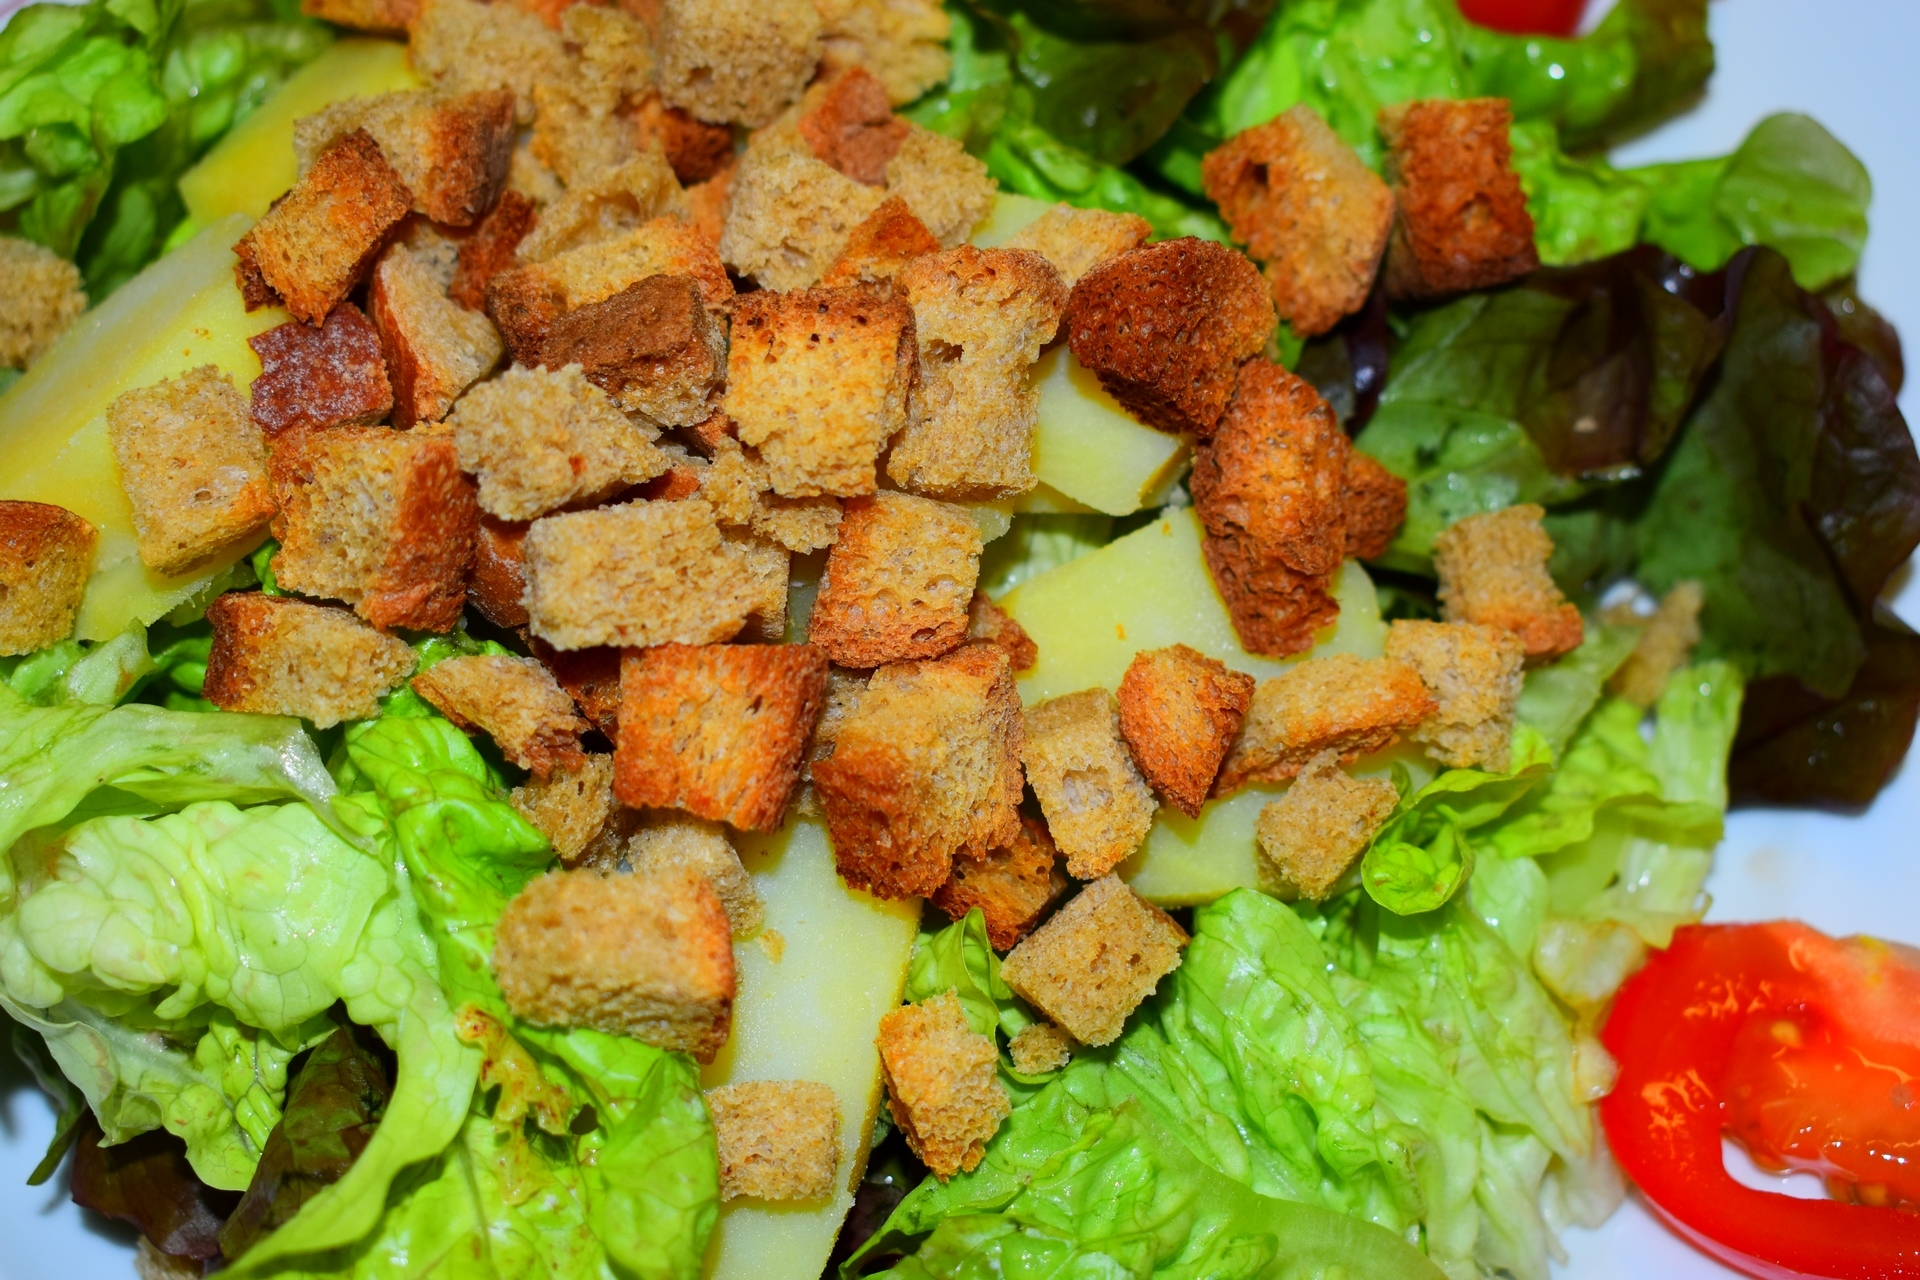 salade et crouton de pain